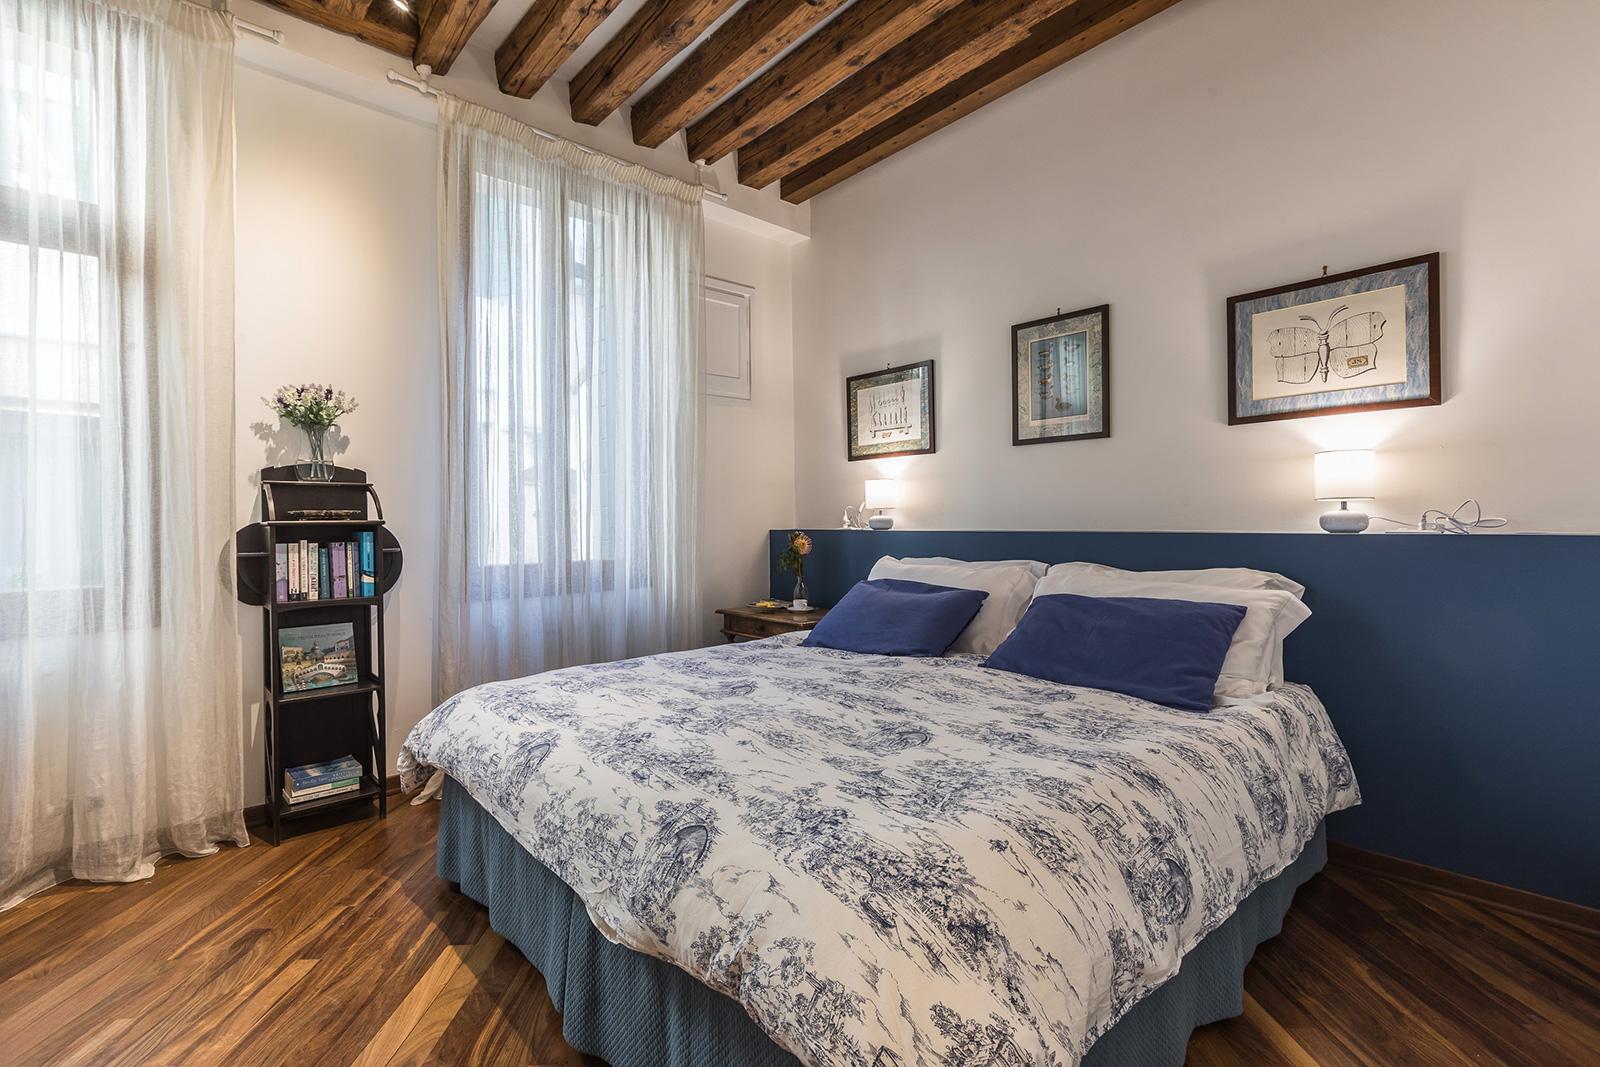 first double bedroom with en-suite bathroom